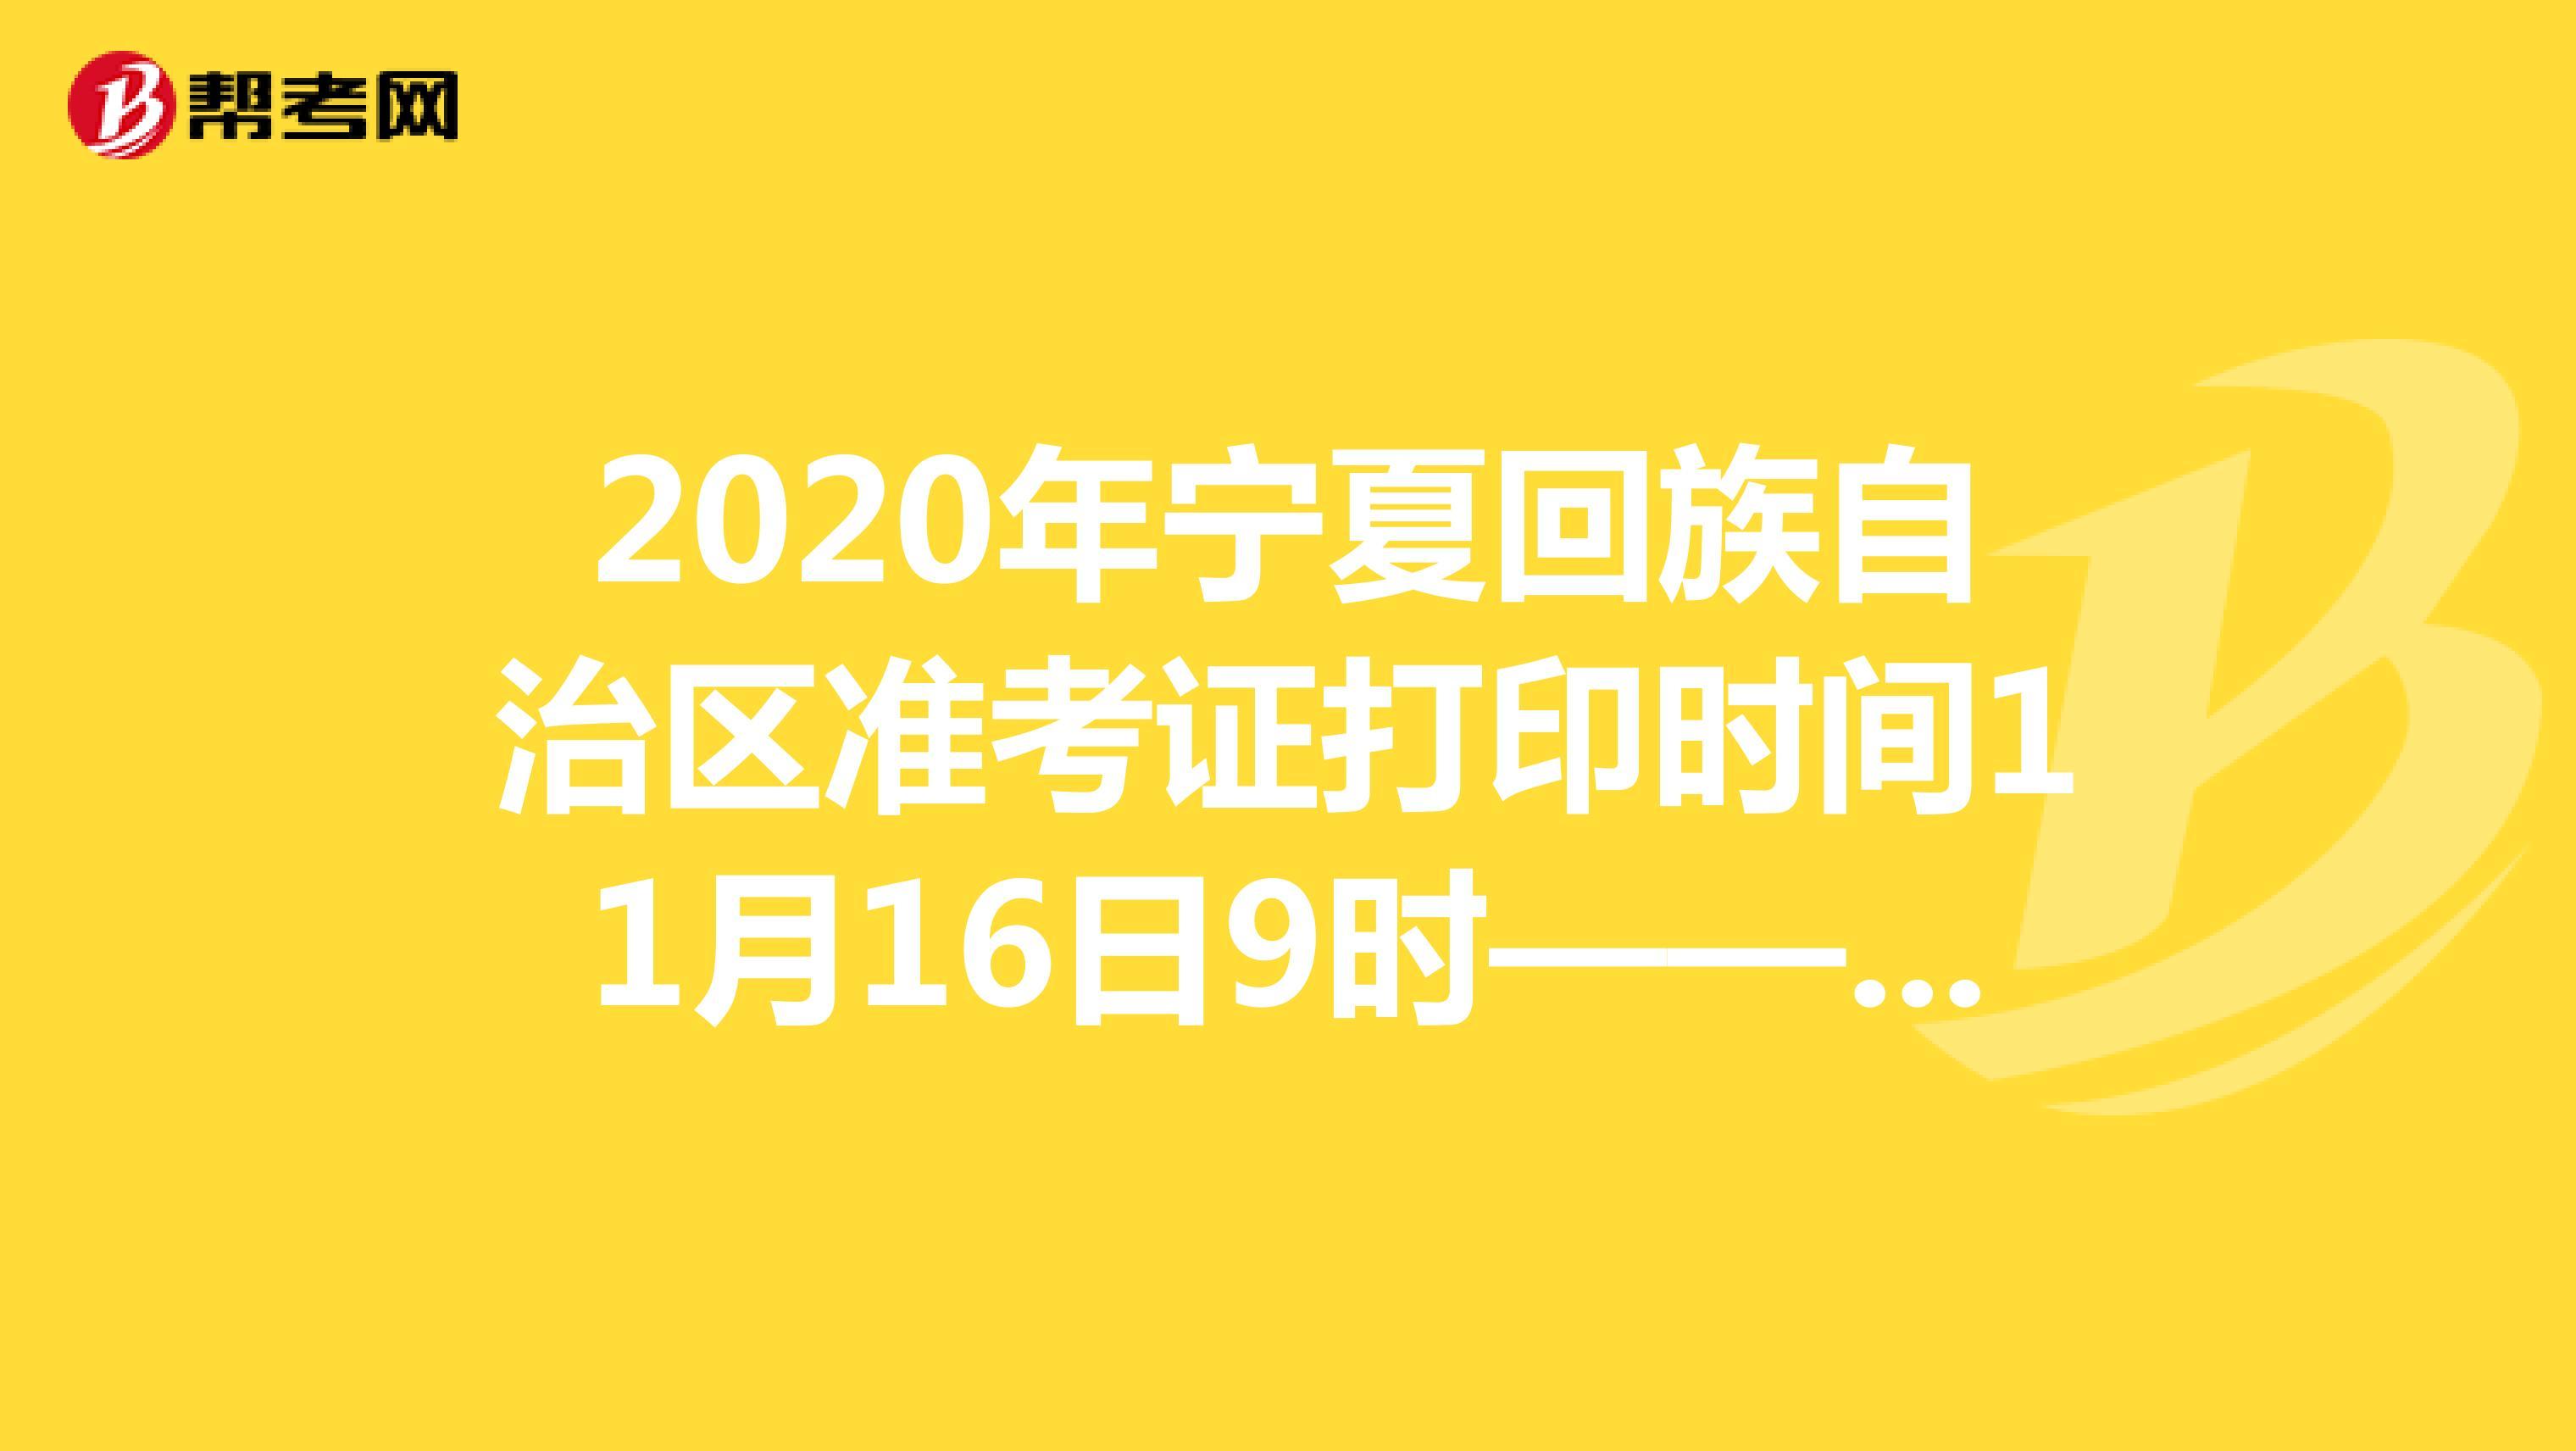 2020年宁夏回族自治区准考证打印时间11月16日9时——11月20日18时